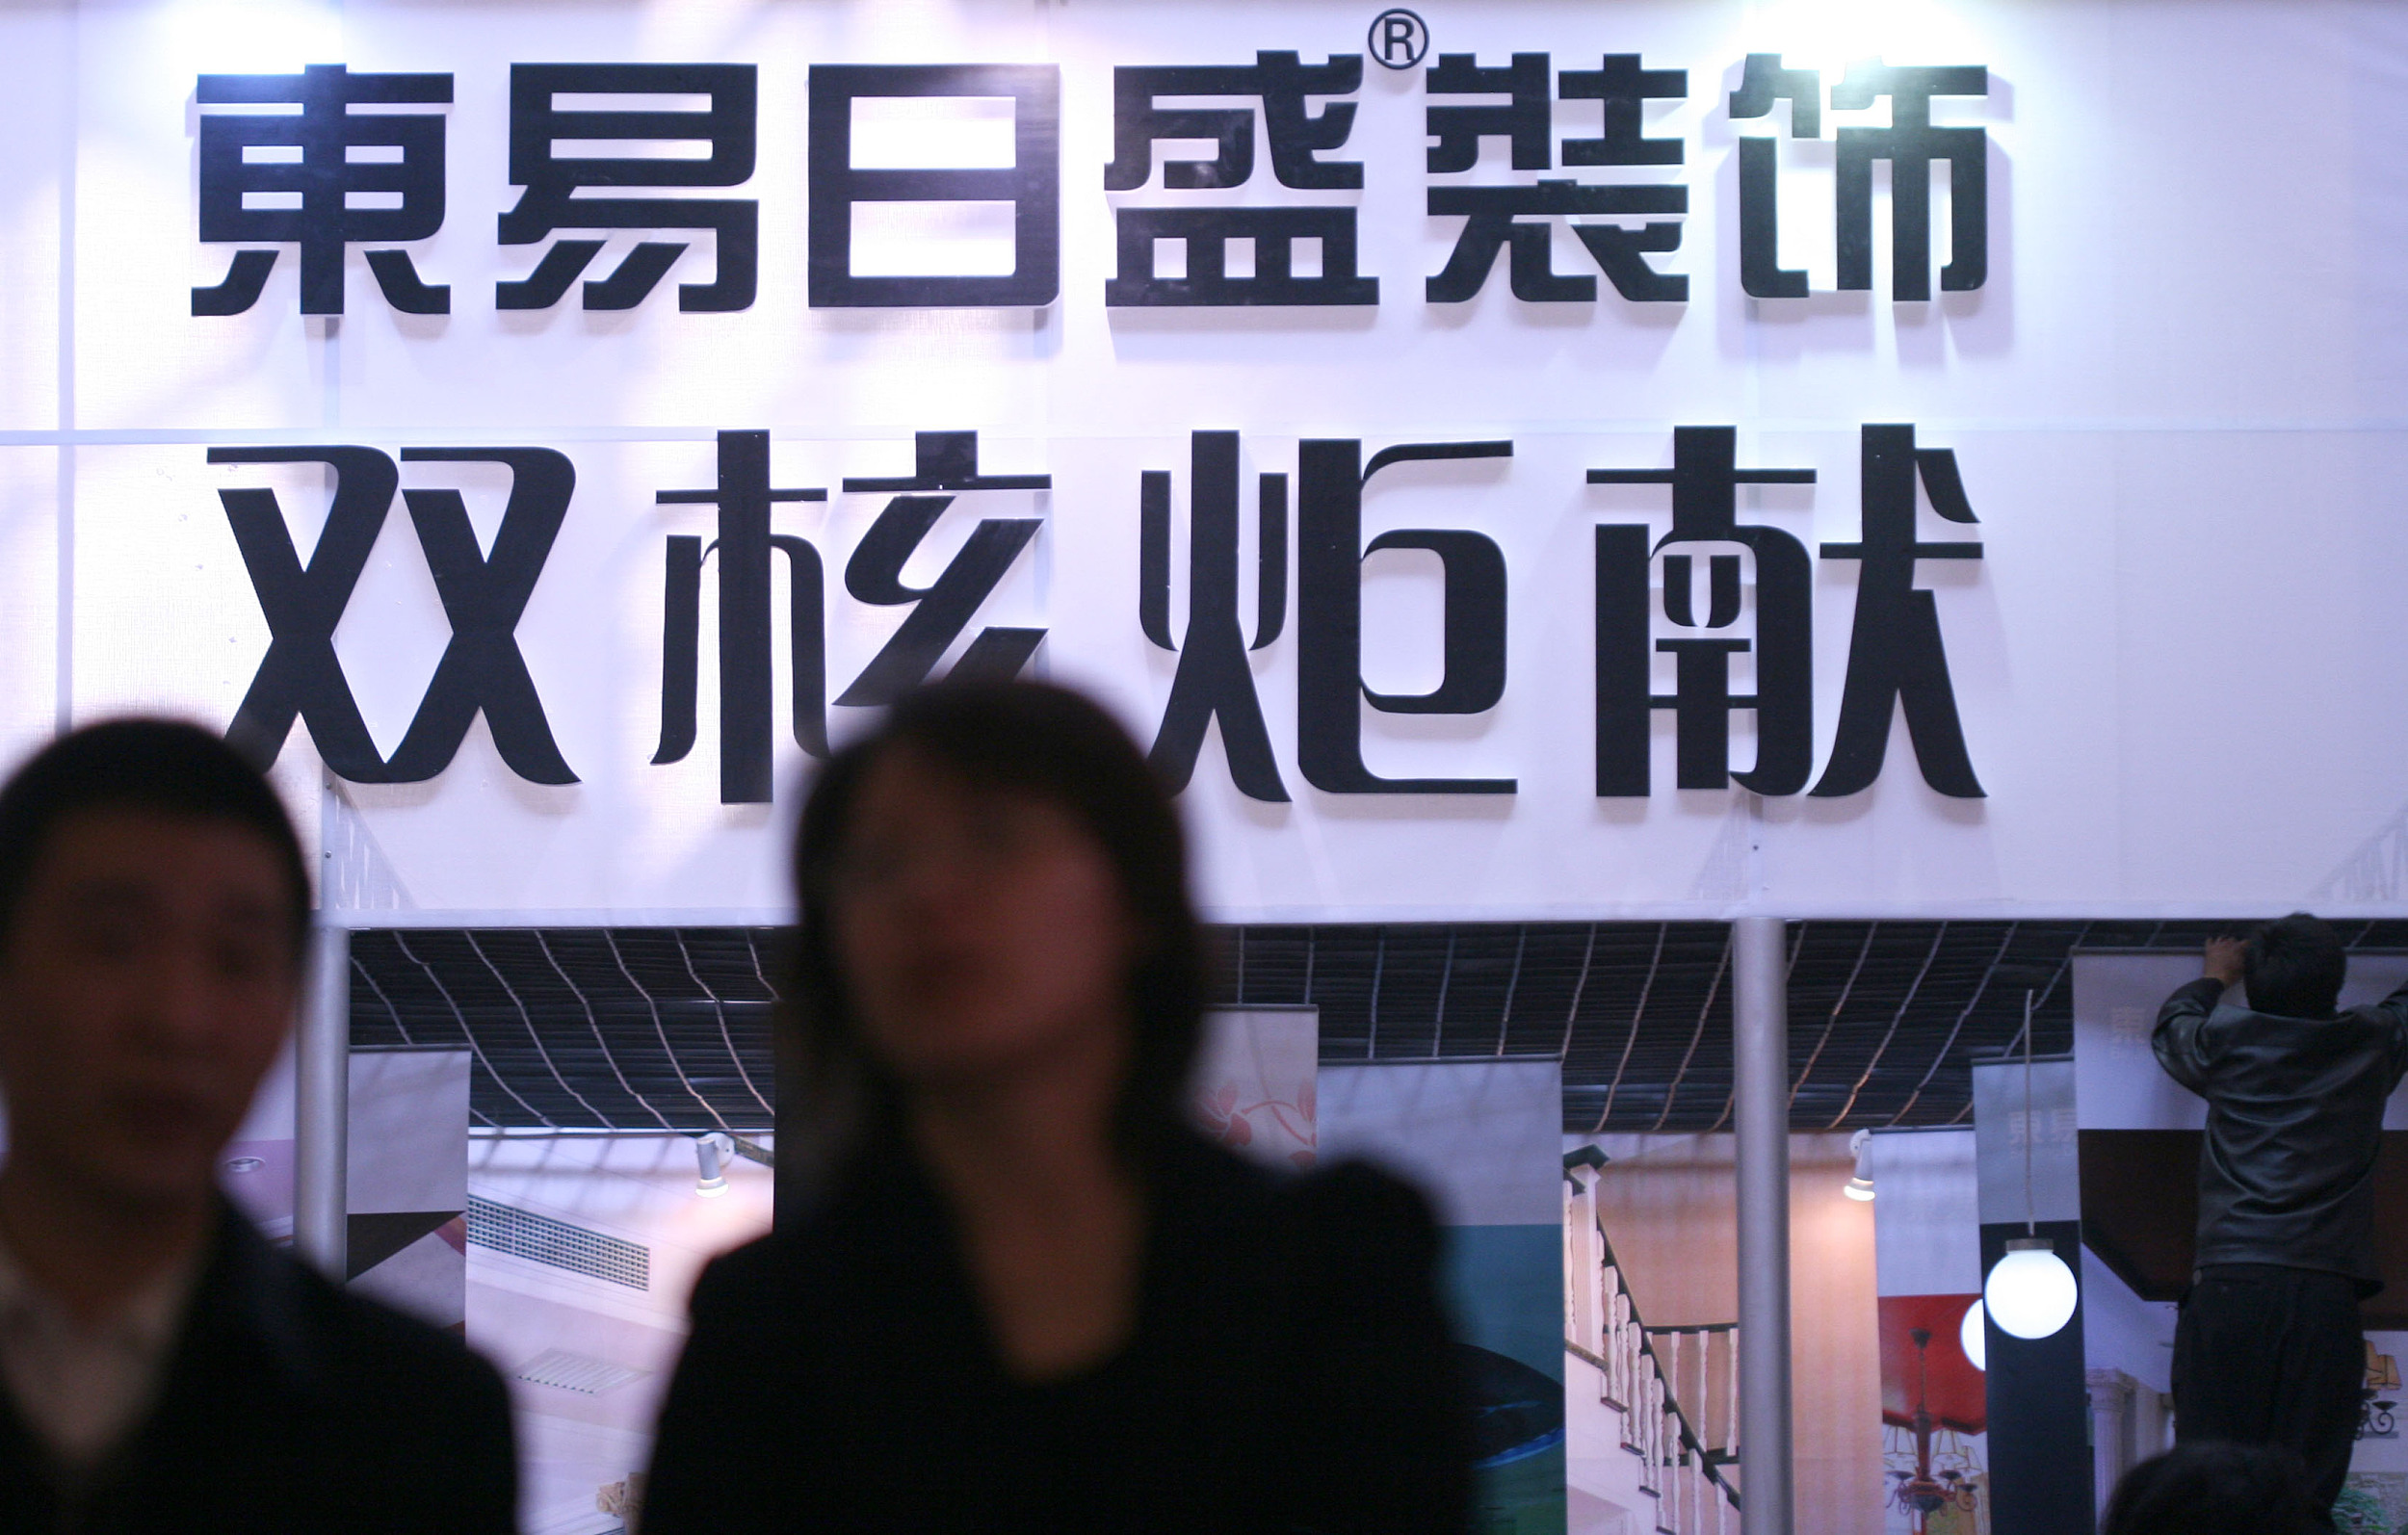 卖掉多套北京房产,东易日盛暂时躲过ST危机